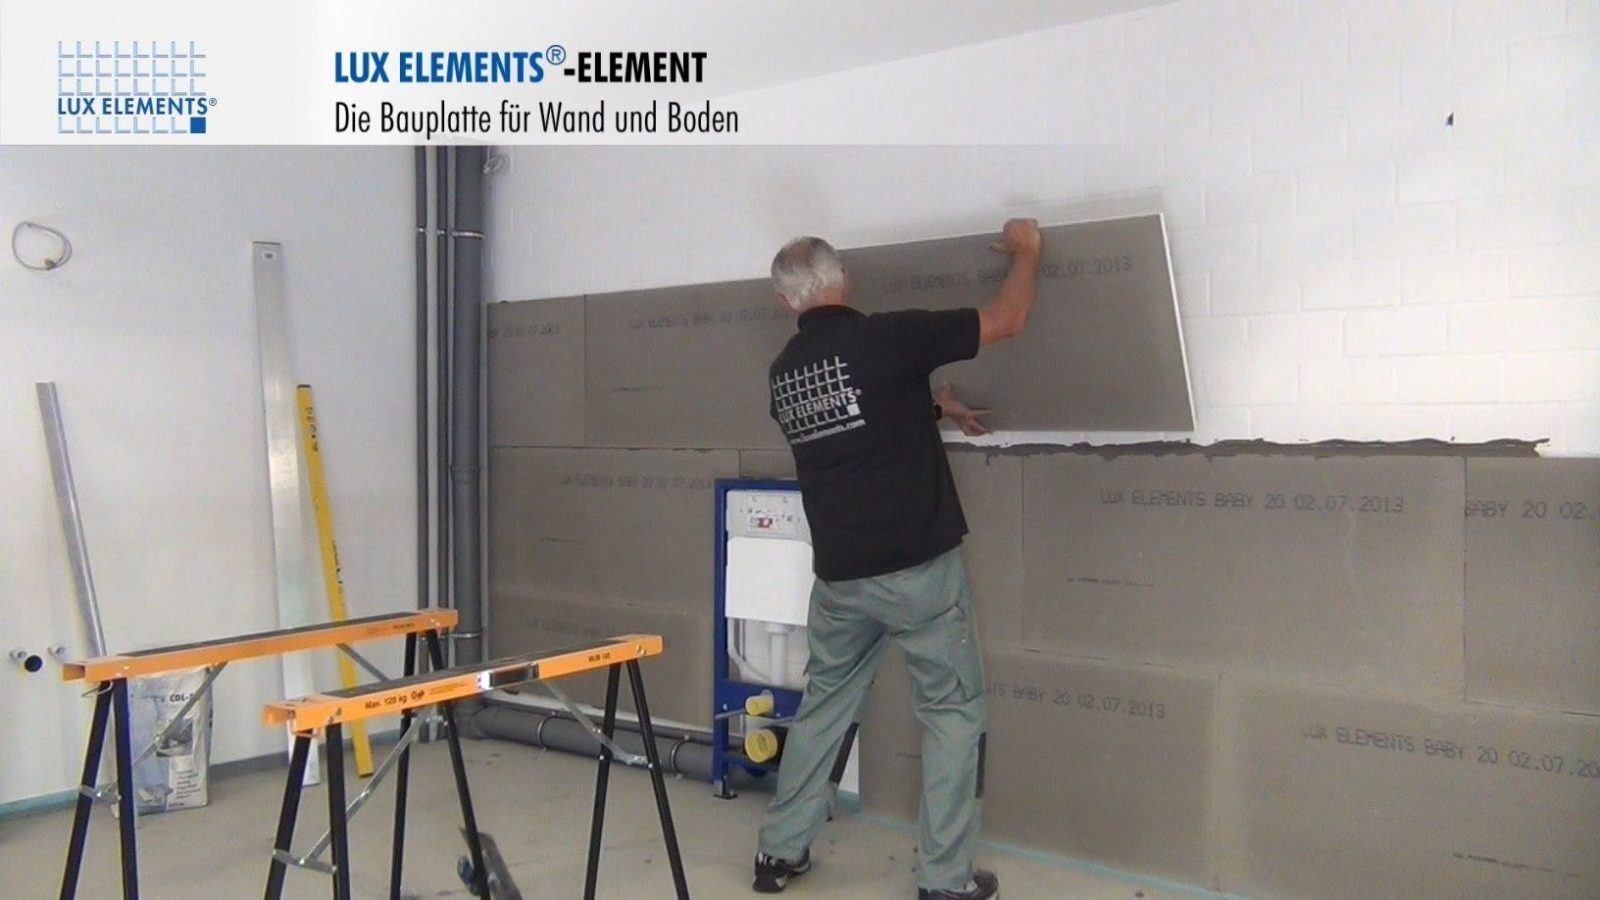 Lux Elements Montage Bauplatte Element Als Wandverkleidung Auf von Wand Paneele Verkleidung Anbringen Photo